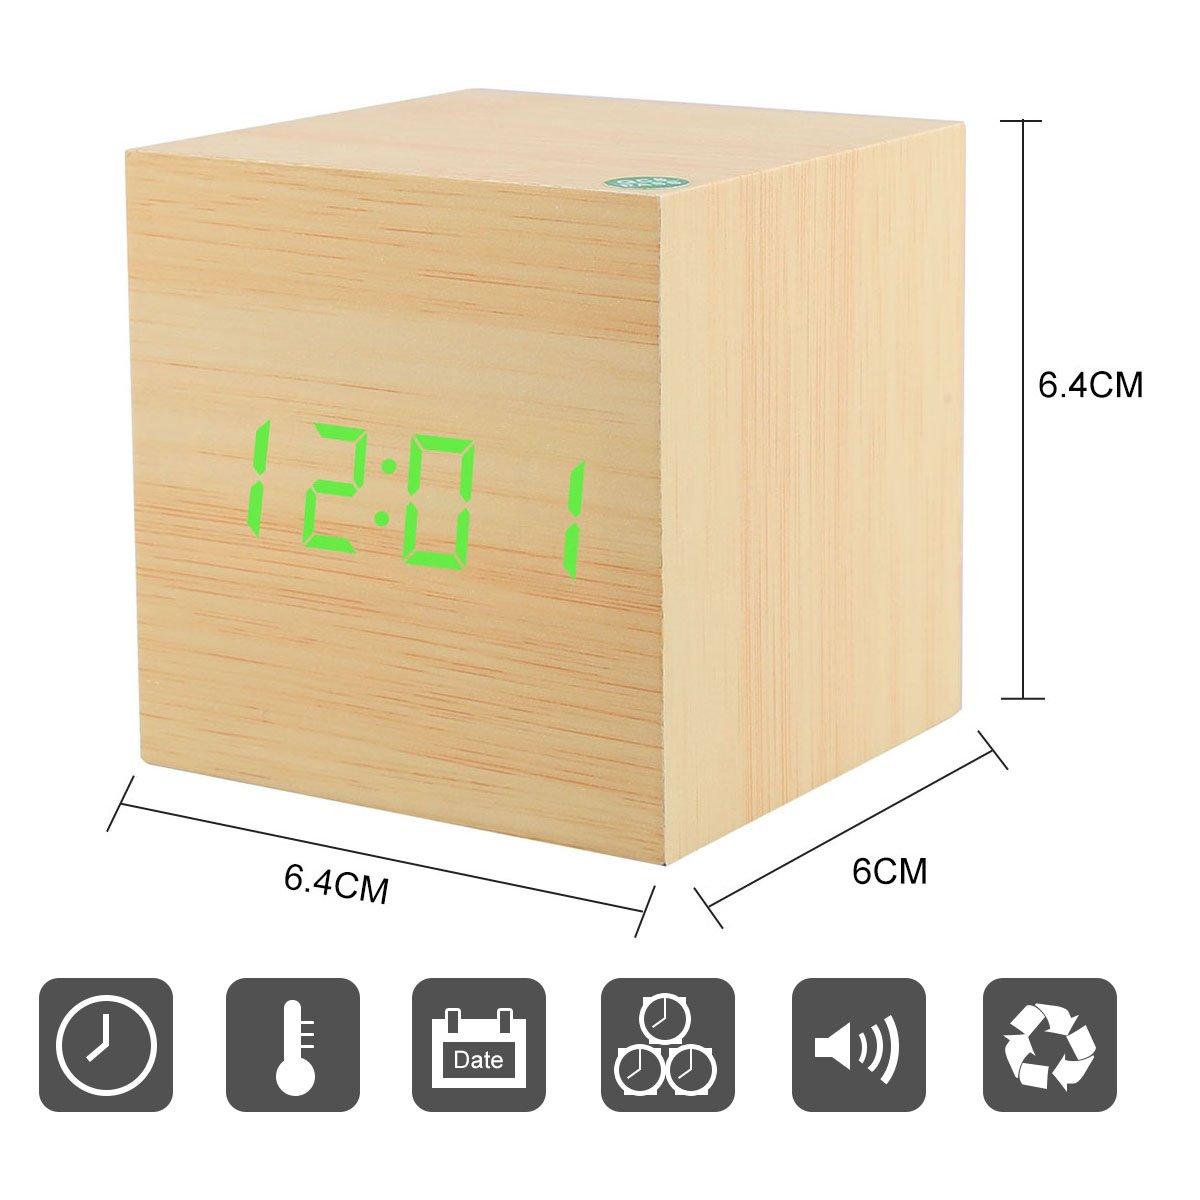 Soyion LED Réveil en Bois Affichage numérique avec Contrôle LED Horloge de Bureau Décorez Votre Maison et le Bureau, Alimenté par USB ou Batterie - Forme Cube (Bois cube & vert mot) (Square)